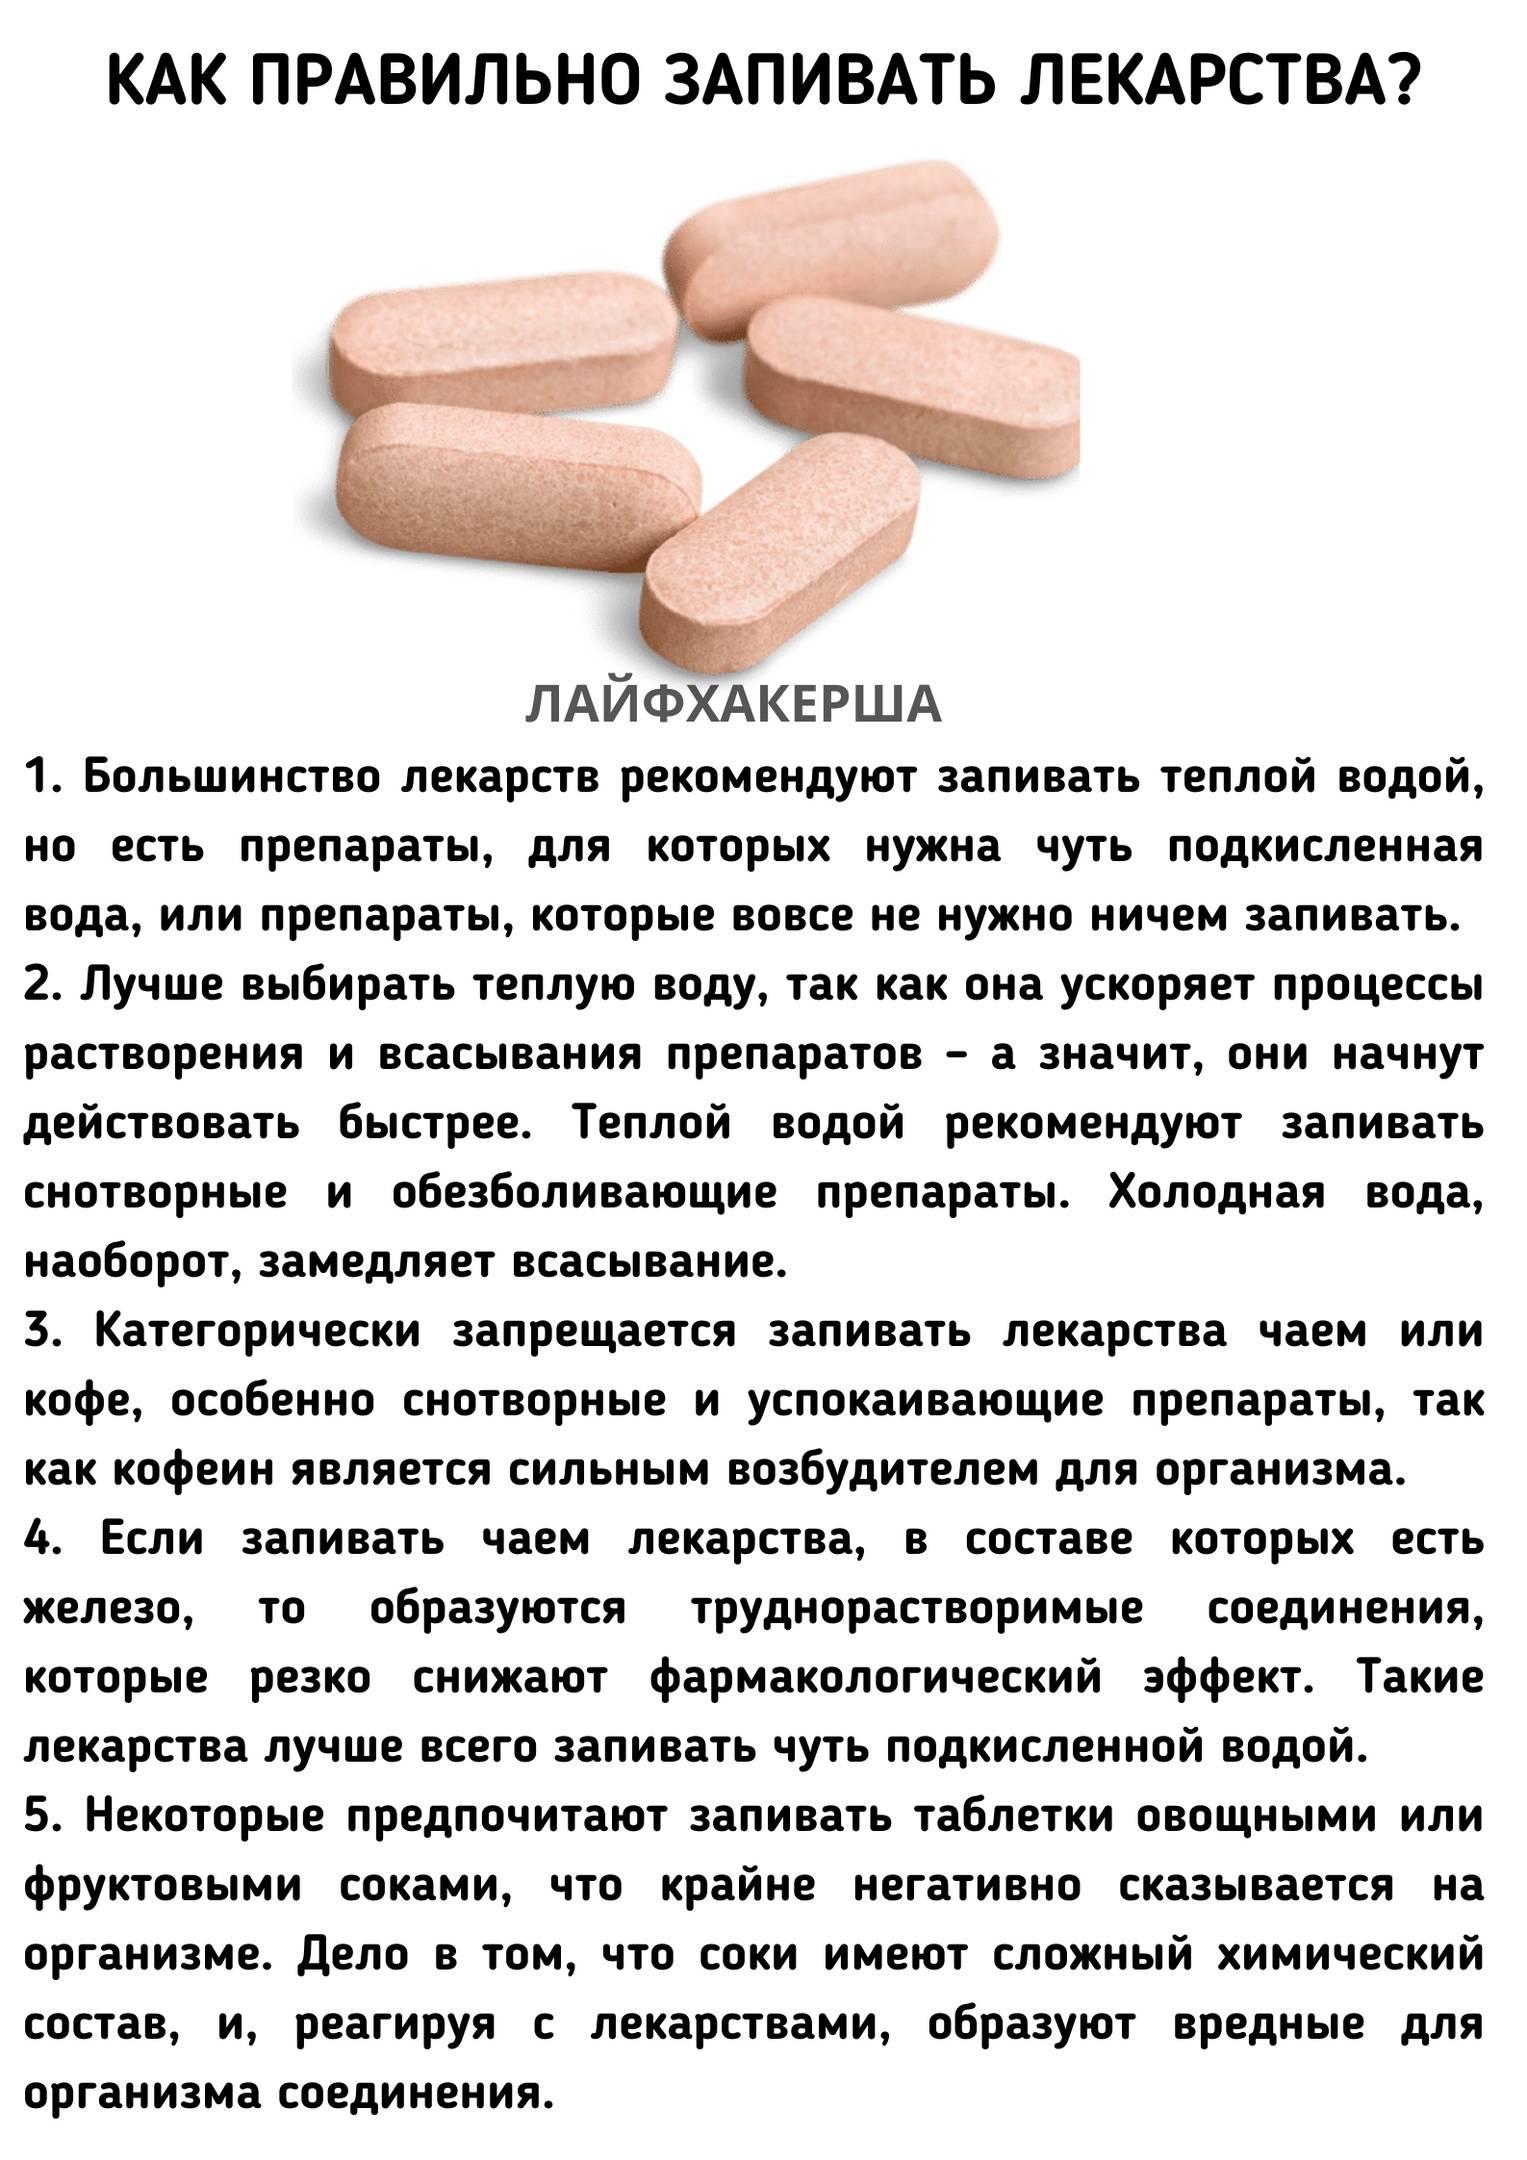 Взаимодействие кофе с разными лекарственными препаратами